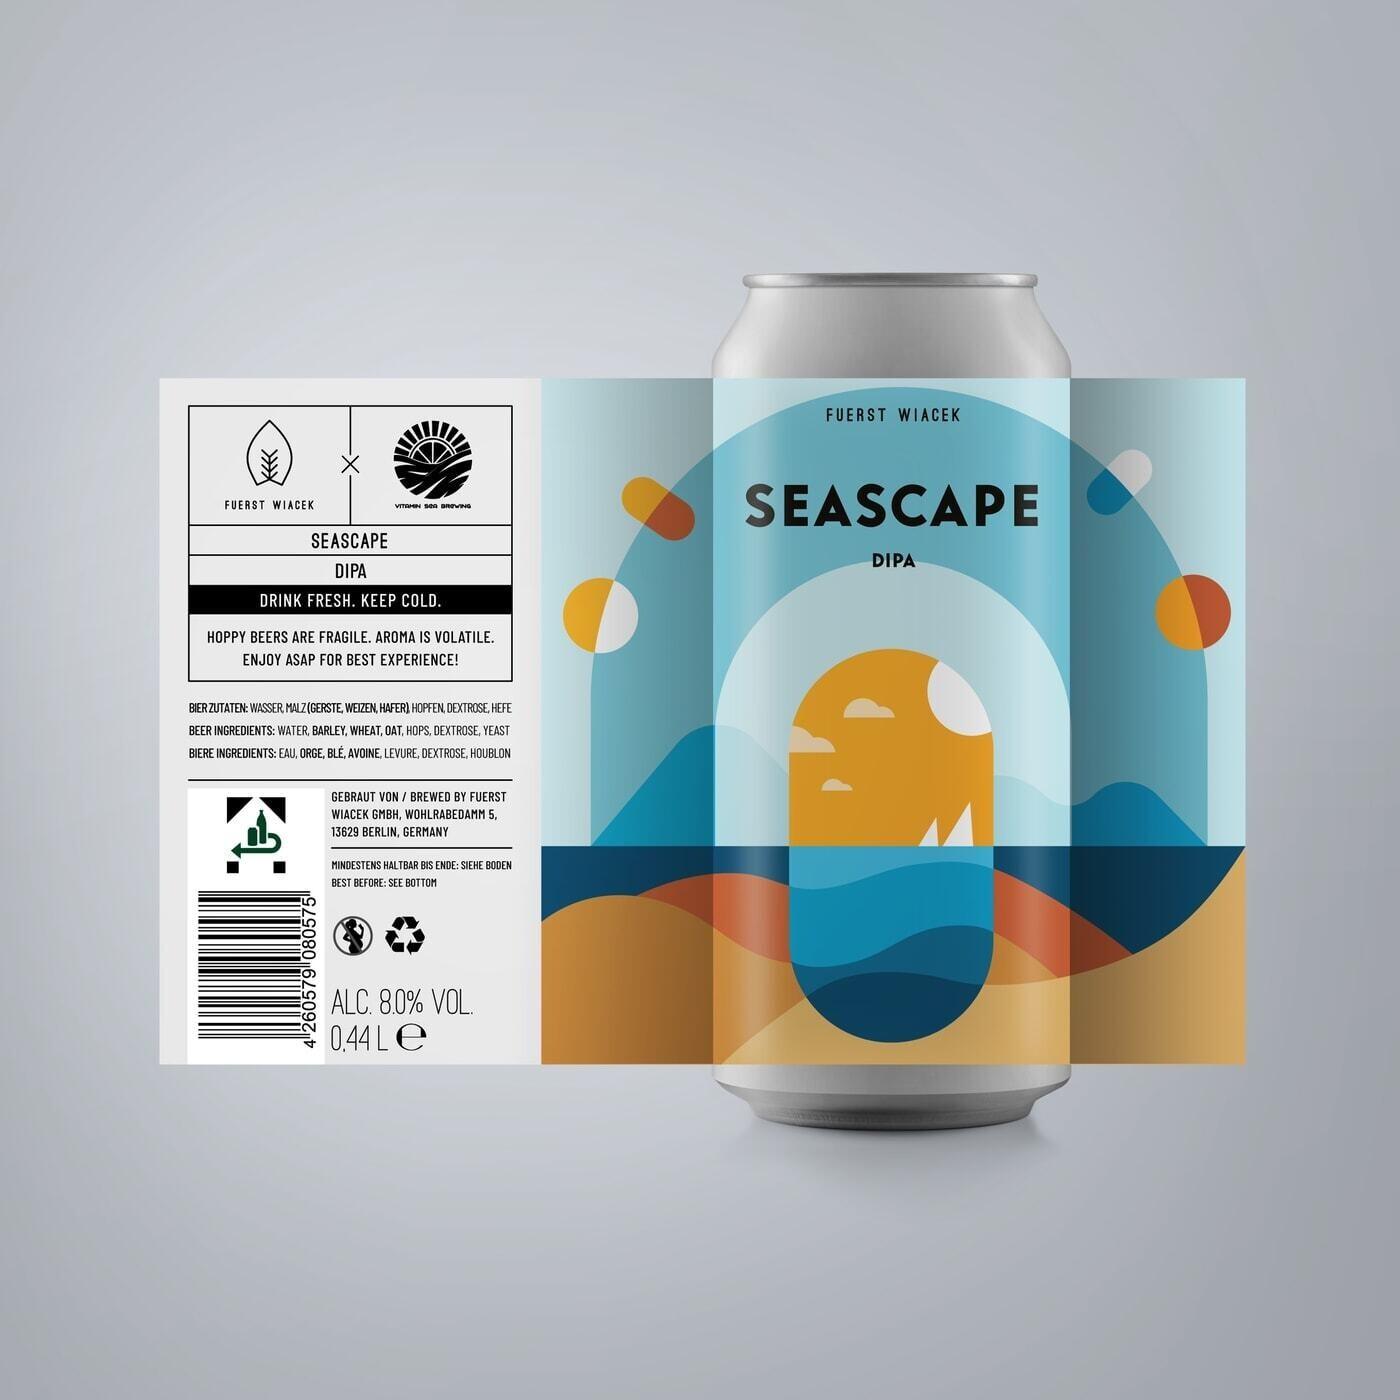 Fuerst Wiacek Seascape DIPA